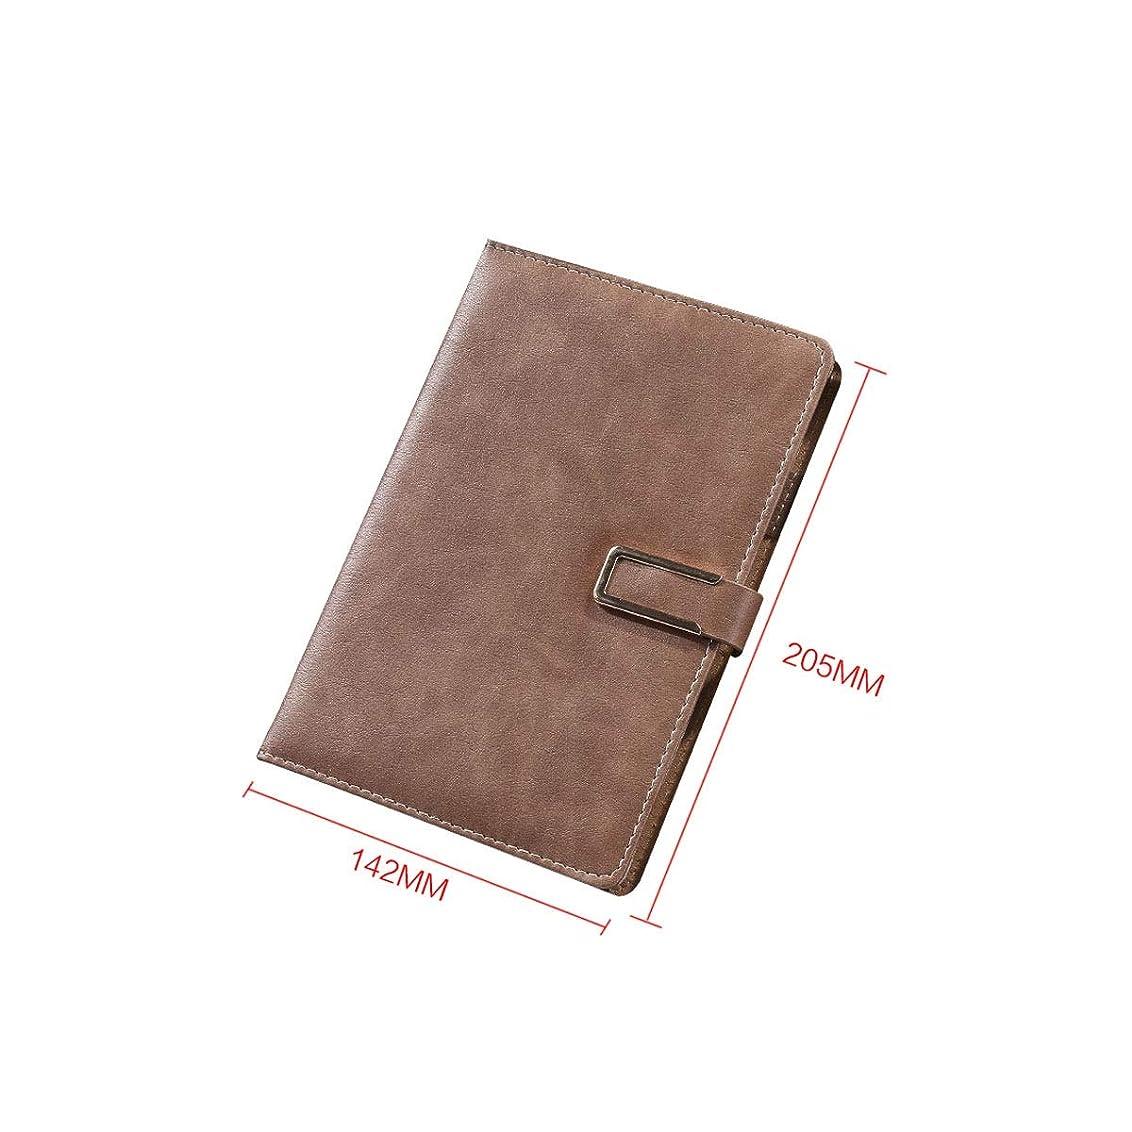 Muziwenju ギフトノートとペンセットギフトボックス、ノートブックセット、休日の贈り物、ノートブック、レトロな厚い本、日記、ビジネスノート、会議のノート、複数の色 高品質の製品 7 (Shape : B5, Style : B)